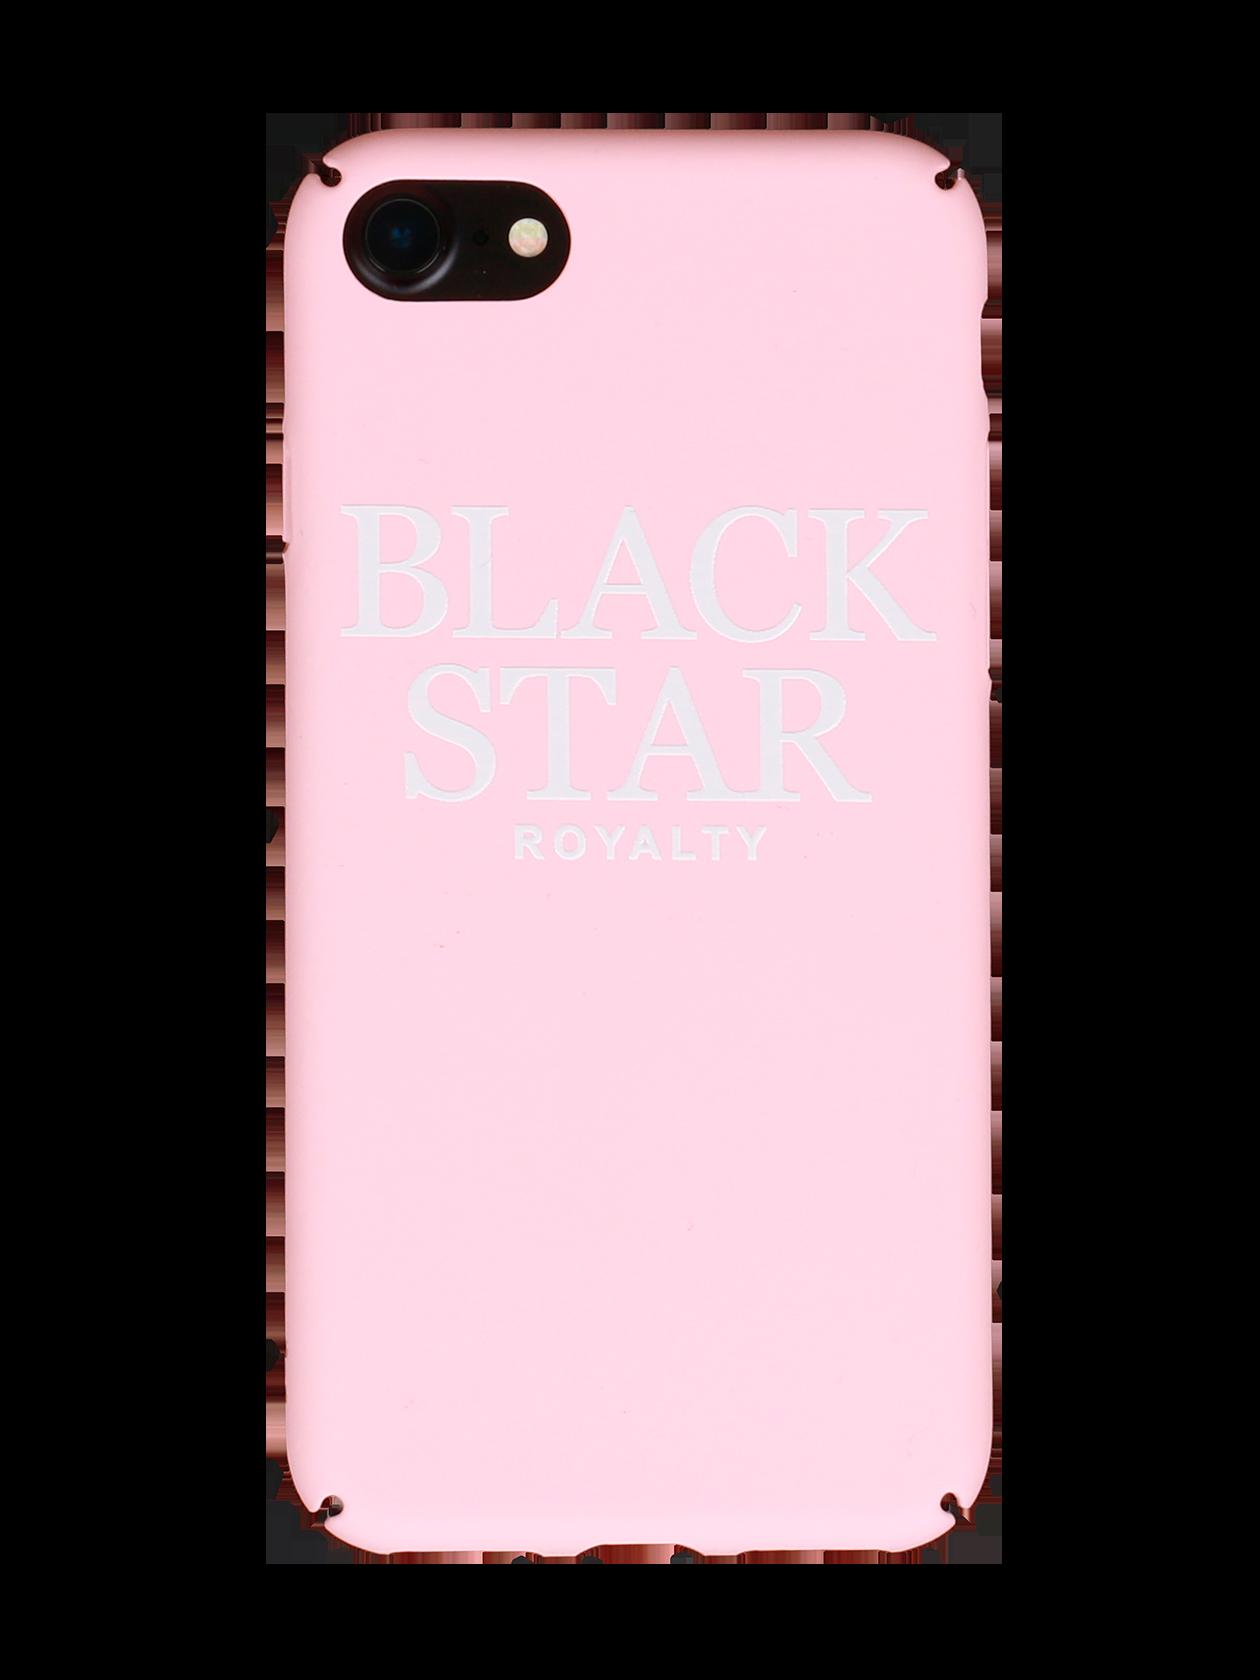 Чехол для телефона ROYALTY BLACK STARПрактичный чехол для телефона Royalty Black Star в виде задней стенки мобильного устройства. Модель создана из прочного пластика, предотвращающего образование трещин, сколов на корпусе гаджета и попадание пыли. Изделие привлекает внимание яркой ментоловой расцветкой. В комбинации с фирменной надписью Black Star Royalty чехол становится стильным аксессуаром для любимого девайса. Он идеально повторяет форму телефона, оставляя доступ к имеющимся разъемам и опциям.<br><br>Размер: 6<br>Цвет: Розовый<br>Пол: Унисекс